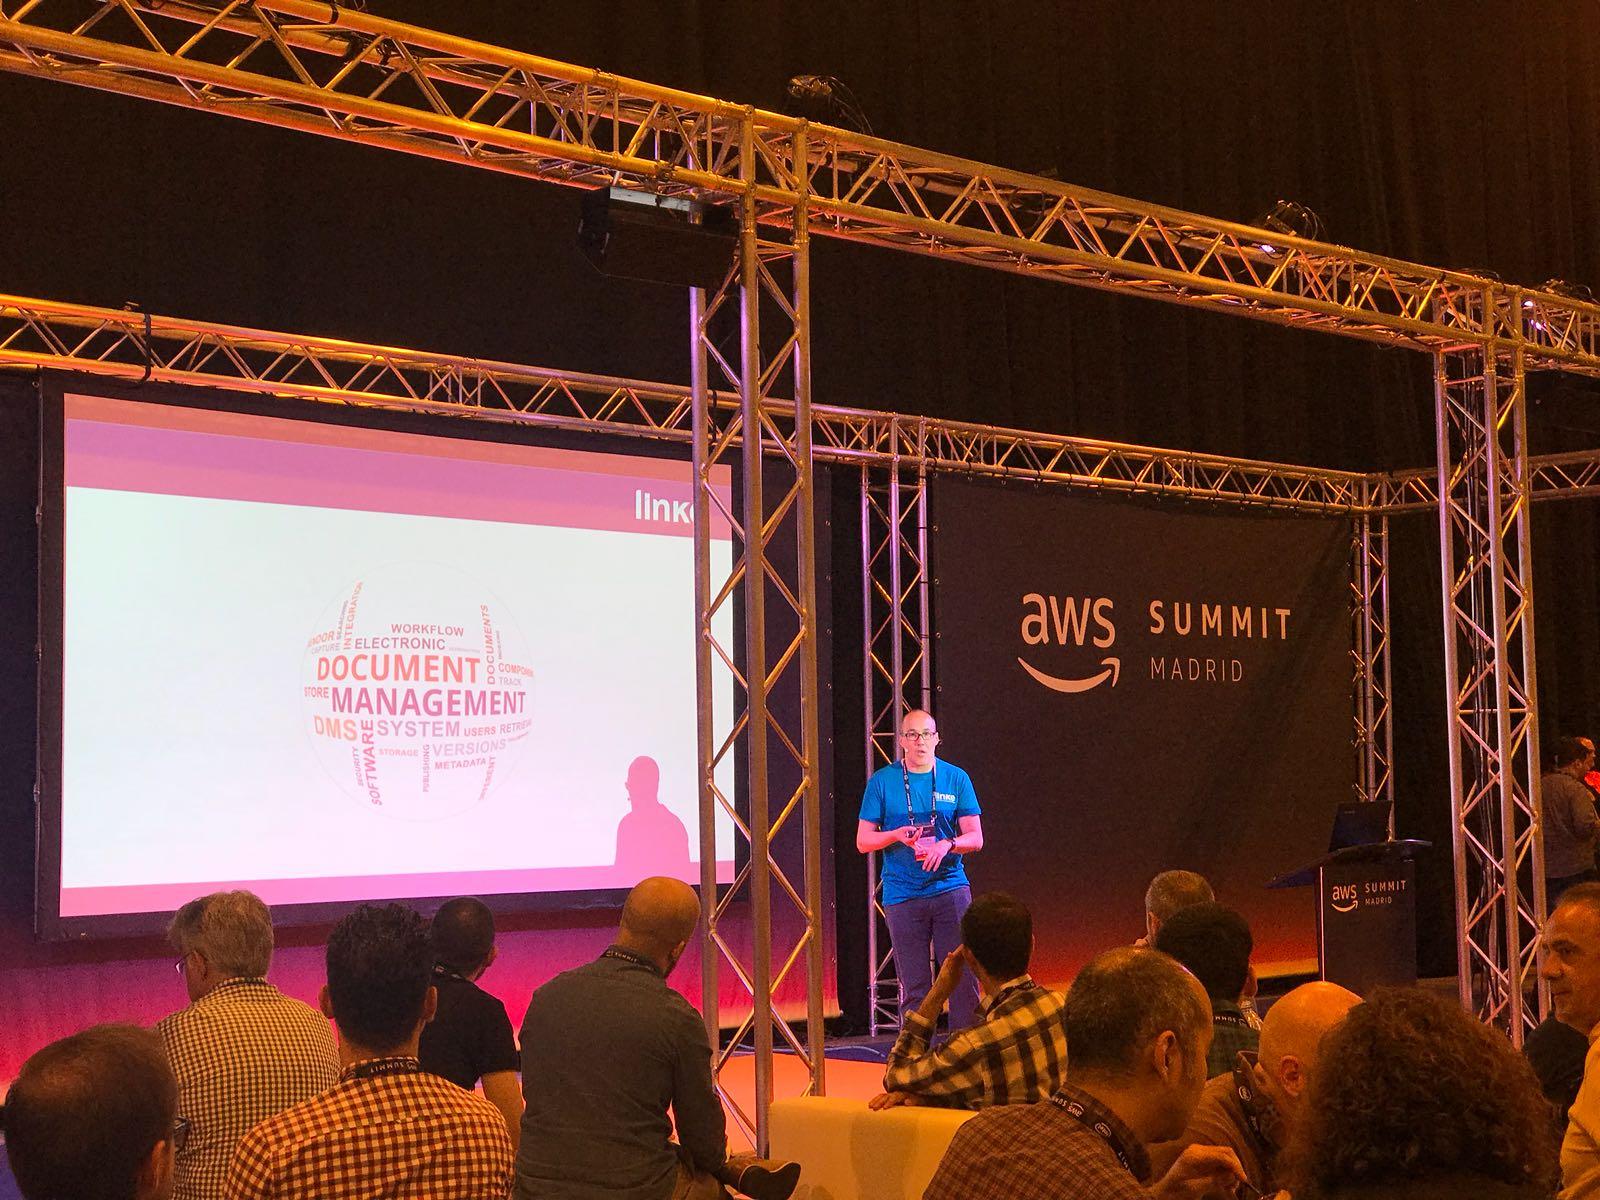 aws summit madrid 2018 linke